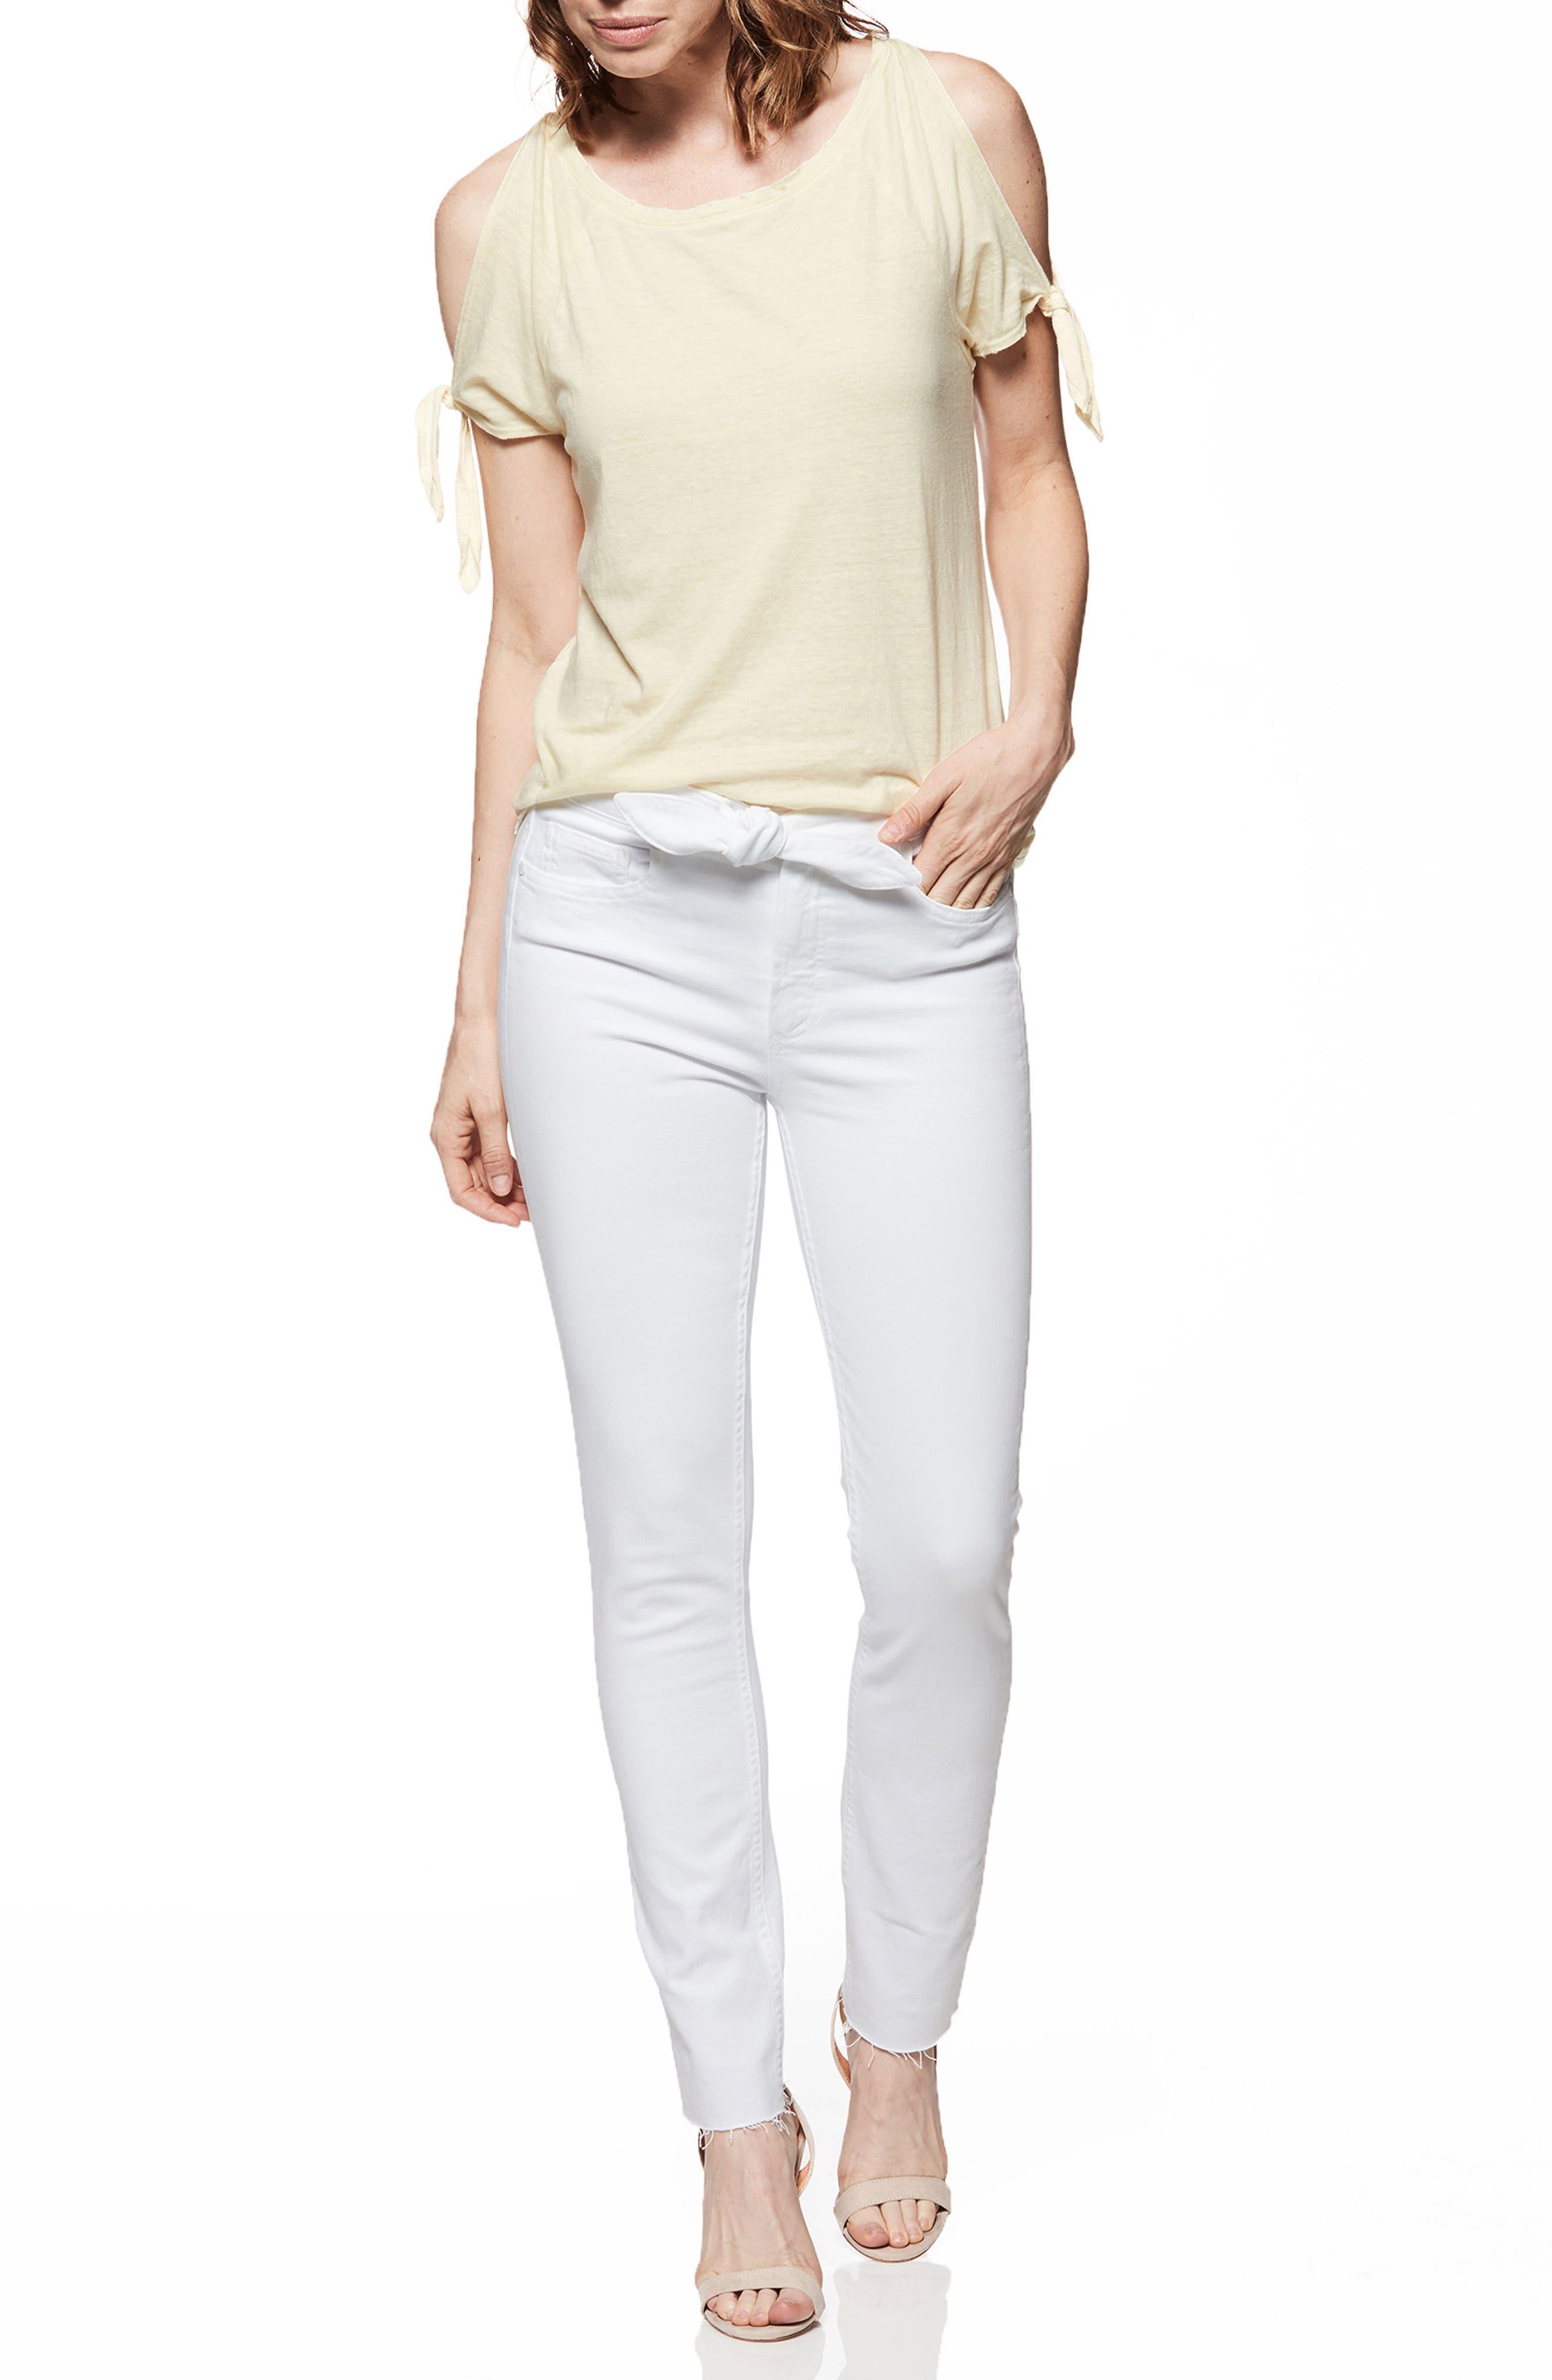 Hoxton High Waist Ankle Skinny Jeans,                             Alternate thumbnail 3, color,                             Crisp White